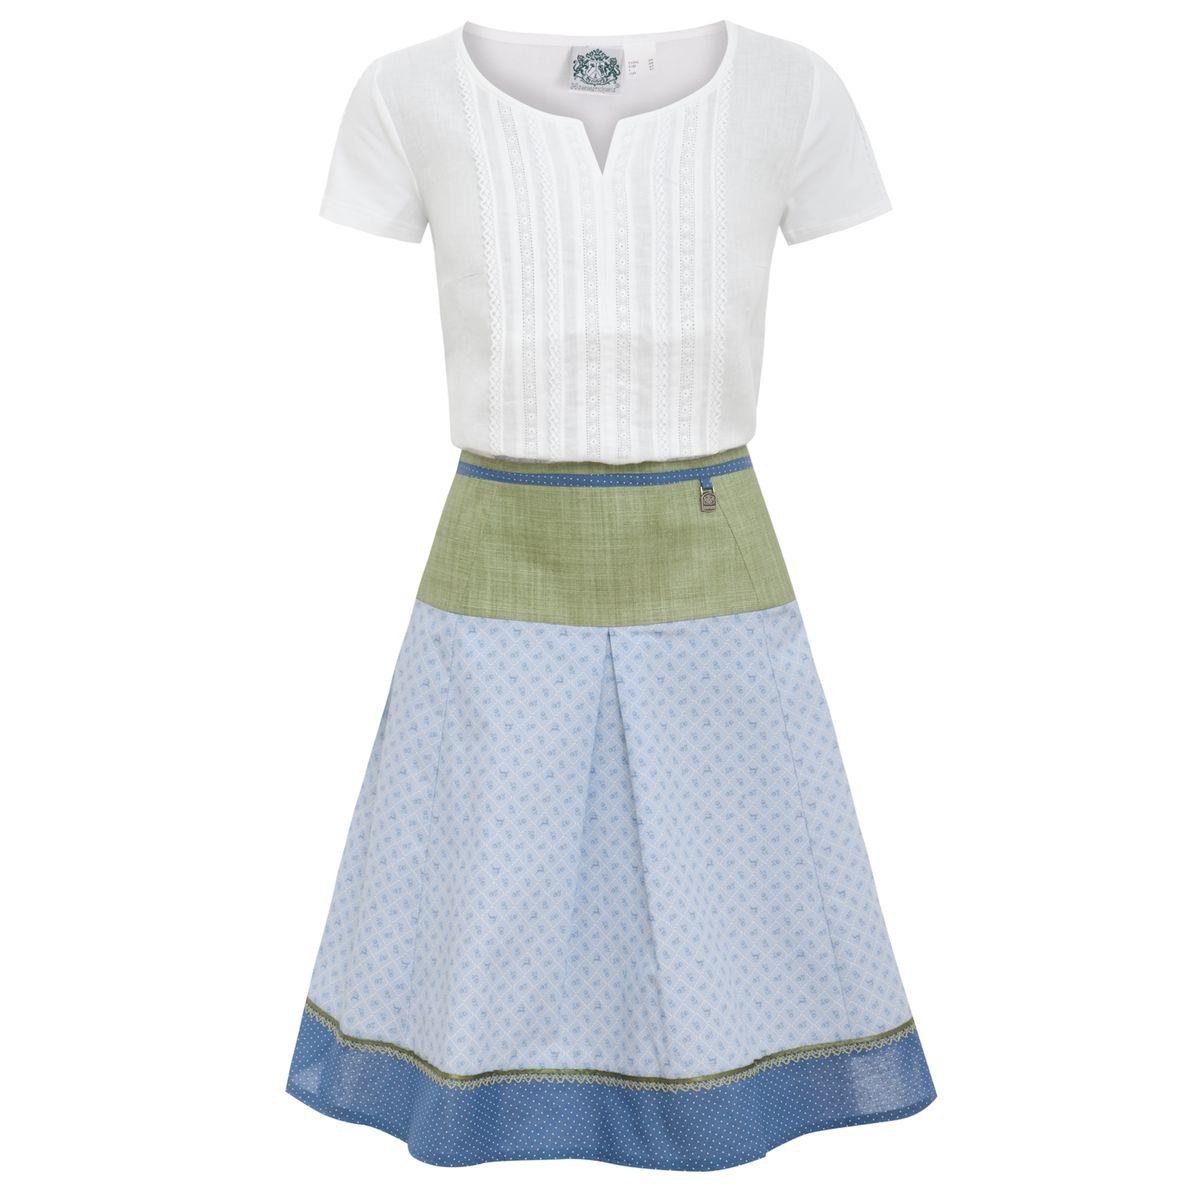 Trachten Outfit in Weiß/Hellblau von Hammerschmid günstig online kaufen